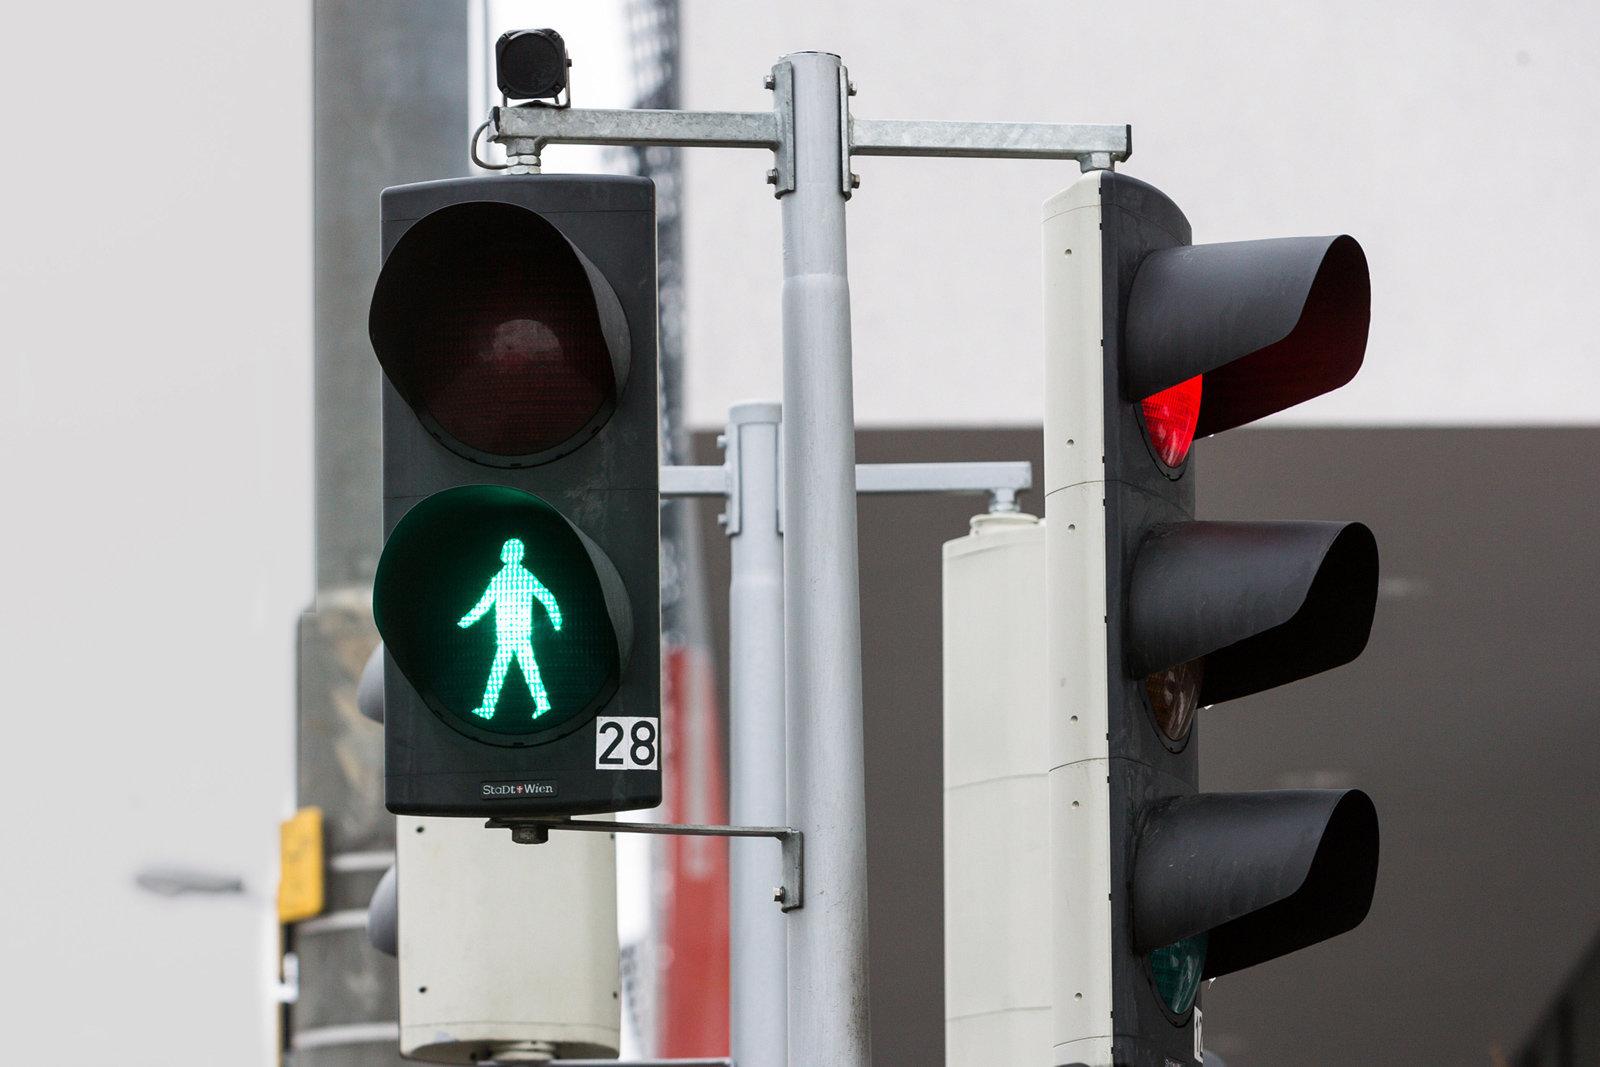 Semafori intelligenti: ci osservano e prevedono le nostre intenzioni thumbnail